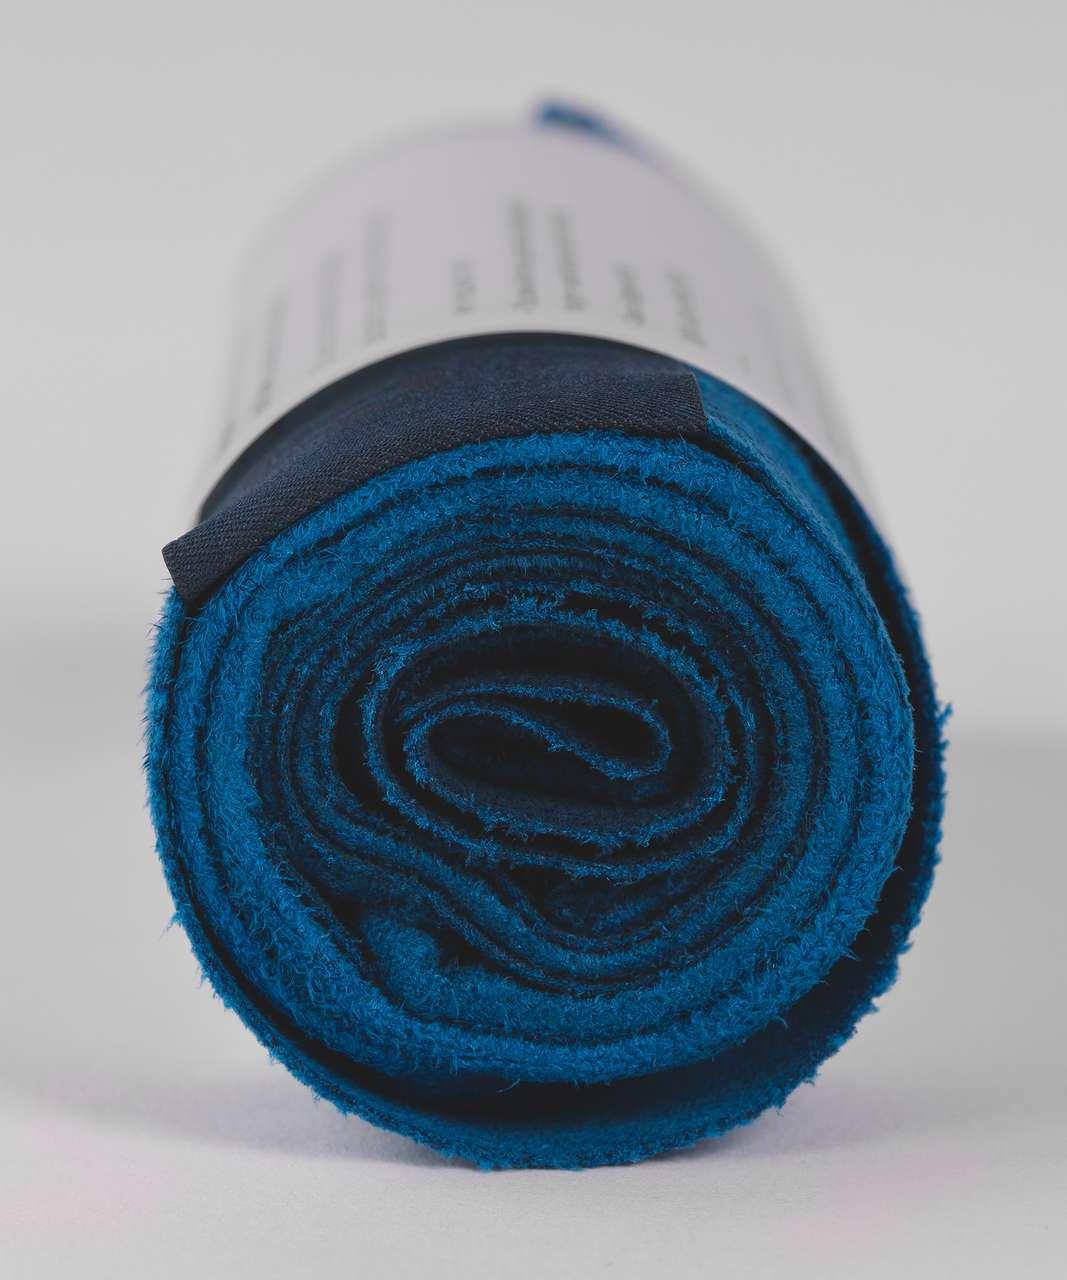 Lululemon The (Small) Towel - Whirlpool Jaded Gradient